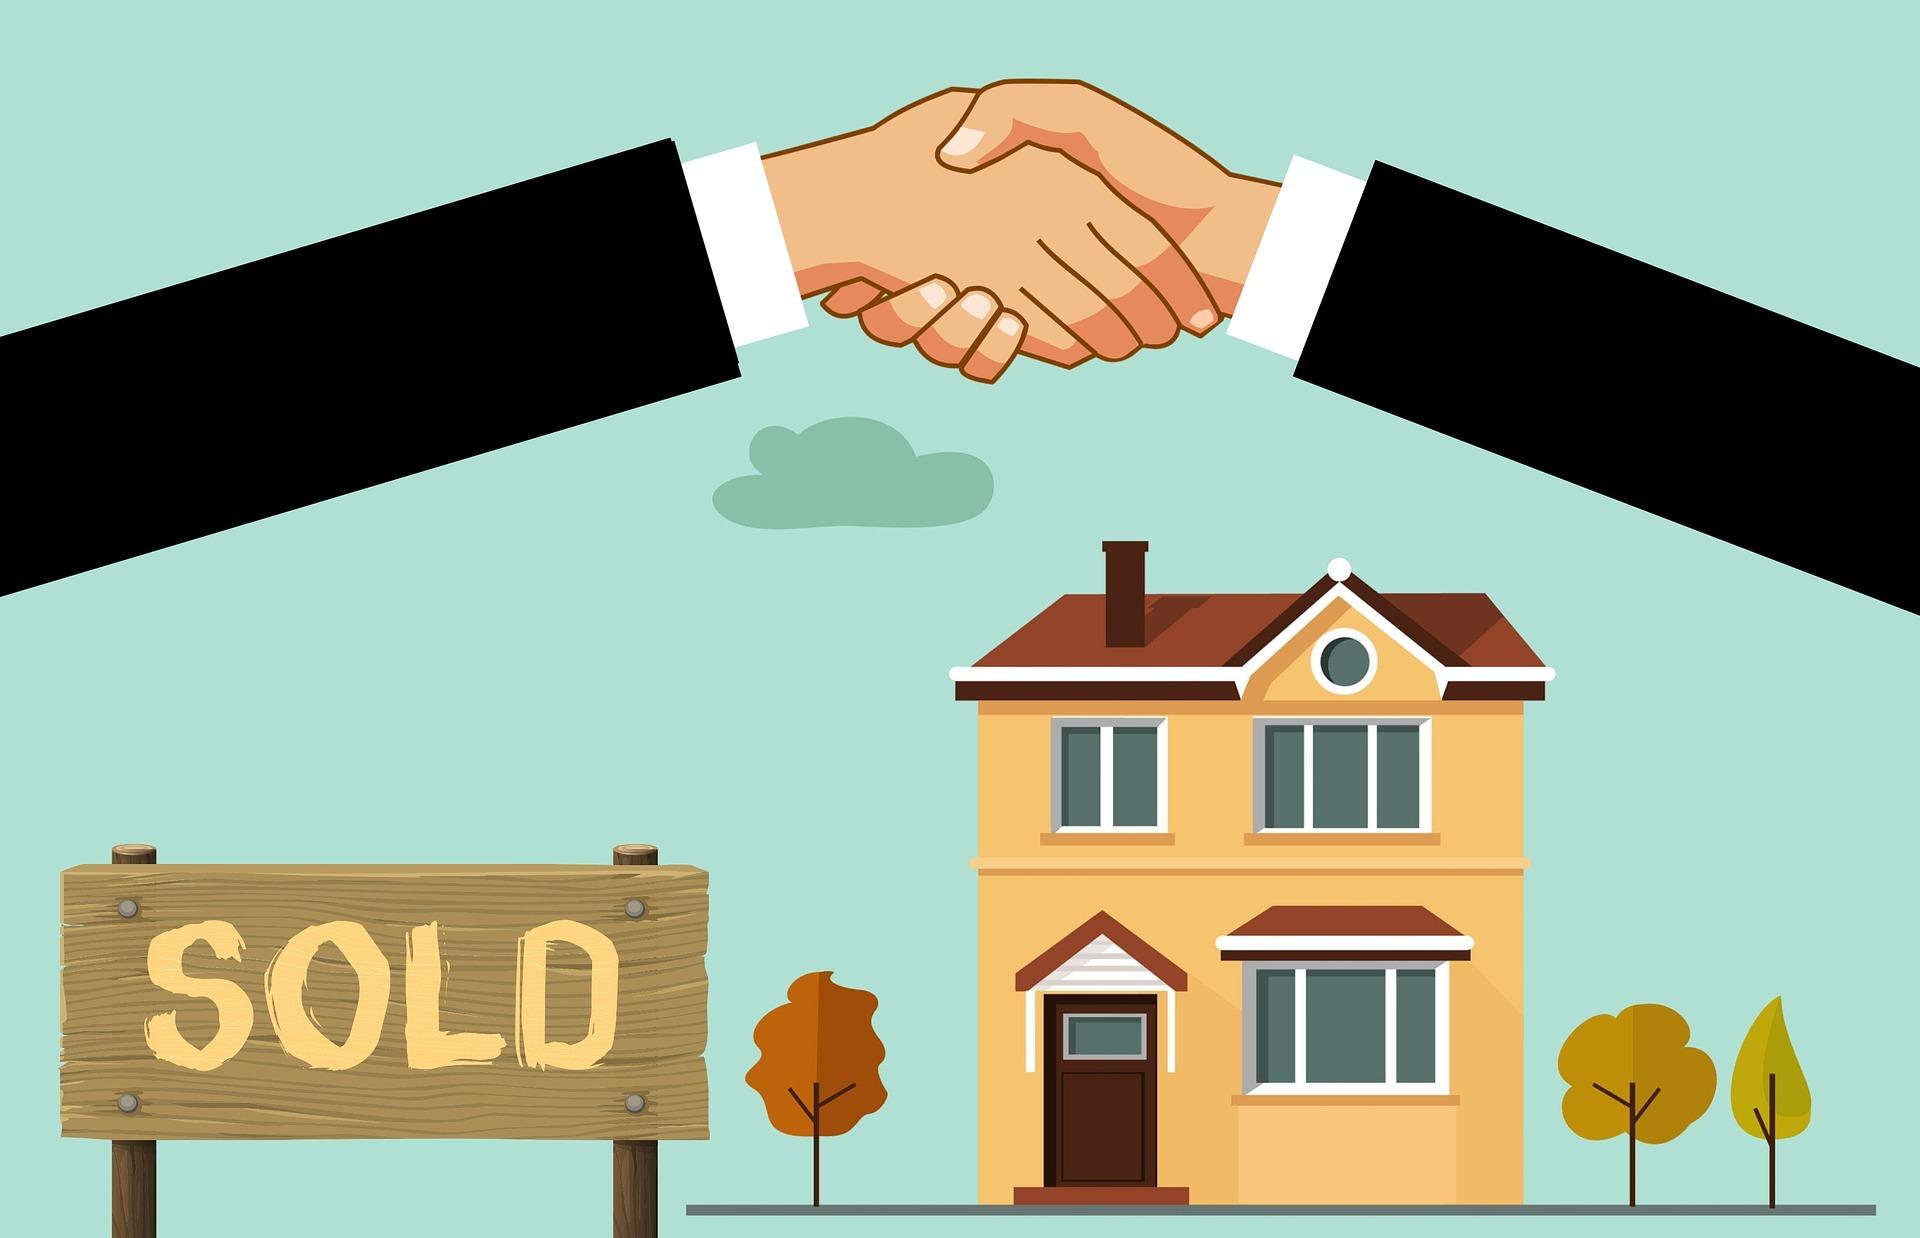 угода і правовий супровід купівлі продажу нерухомості у харкові